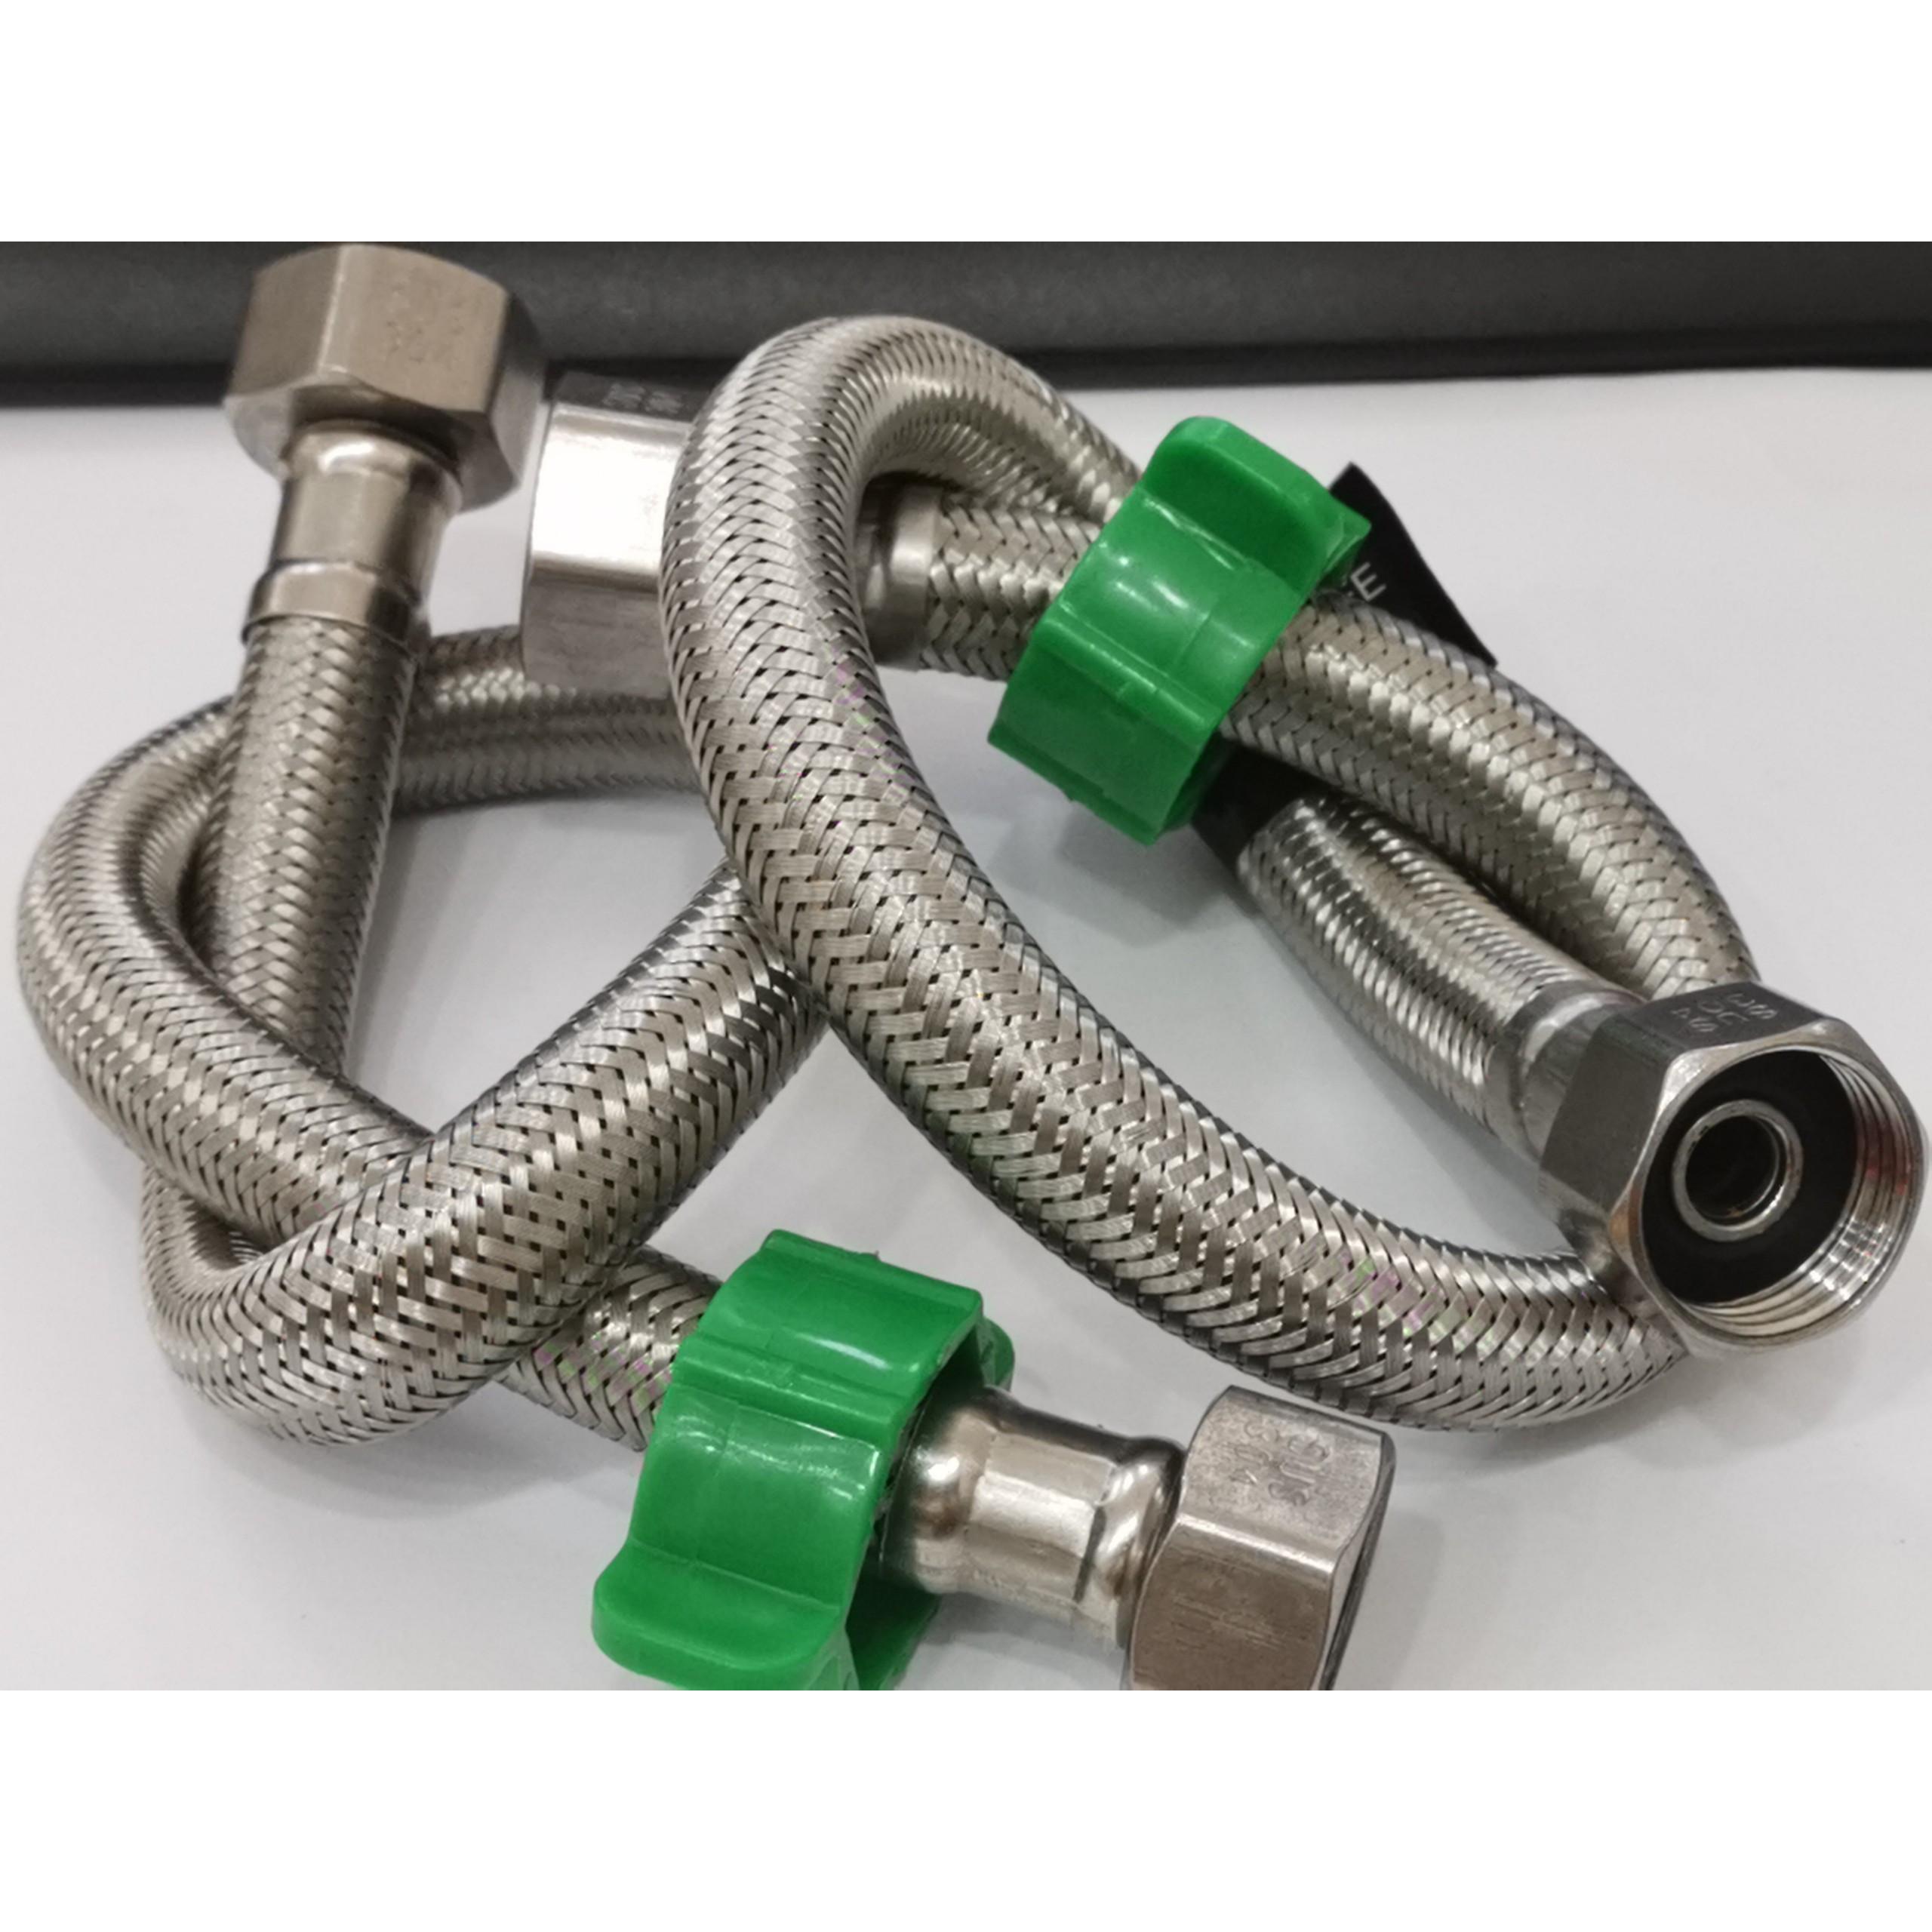 Bộ đôi dây cấp nước inox 304 dài 30 cm